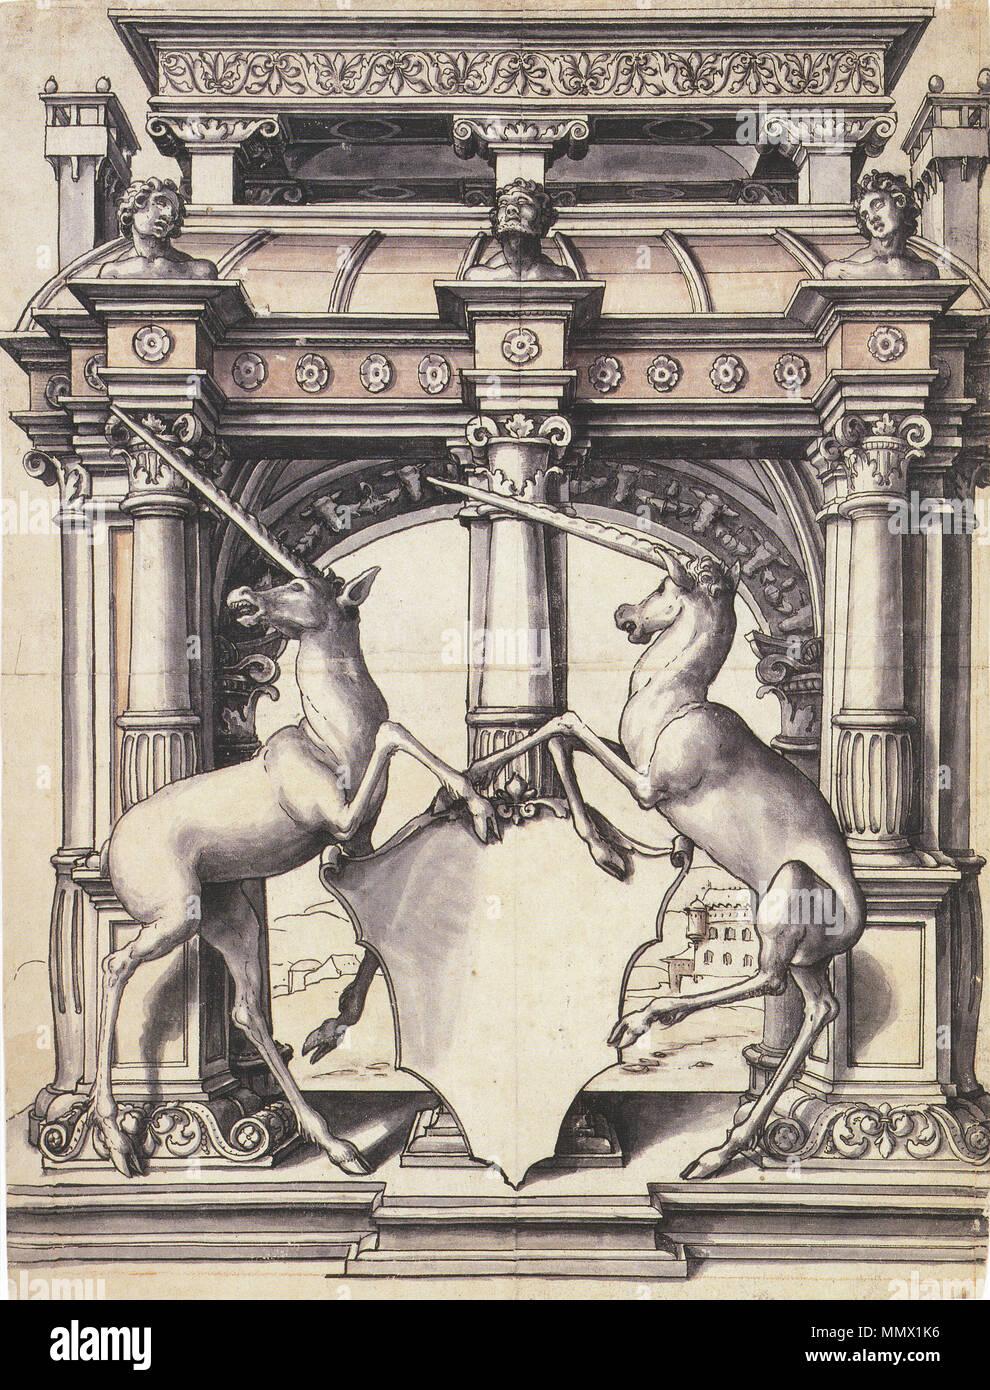 Englisch Entwurf Für Ein Glasfenster Mit Zwei Einhörner Feder Und